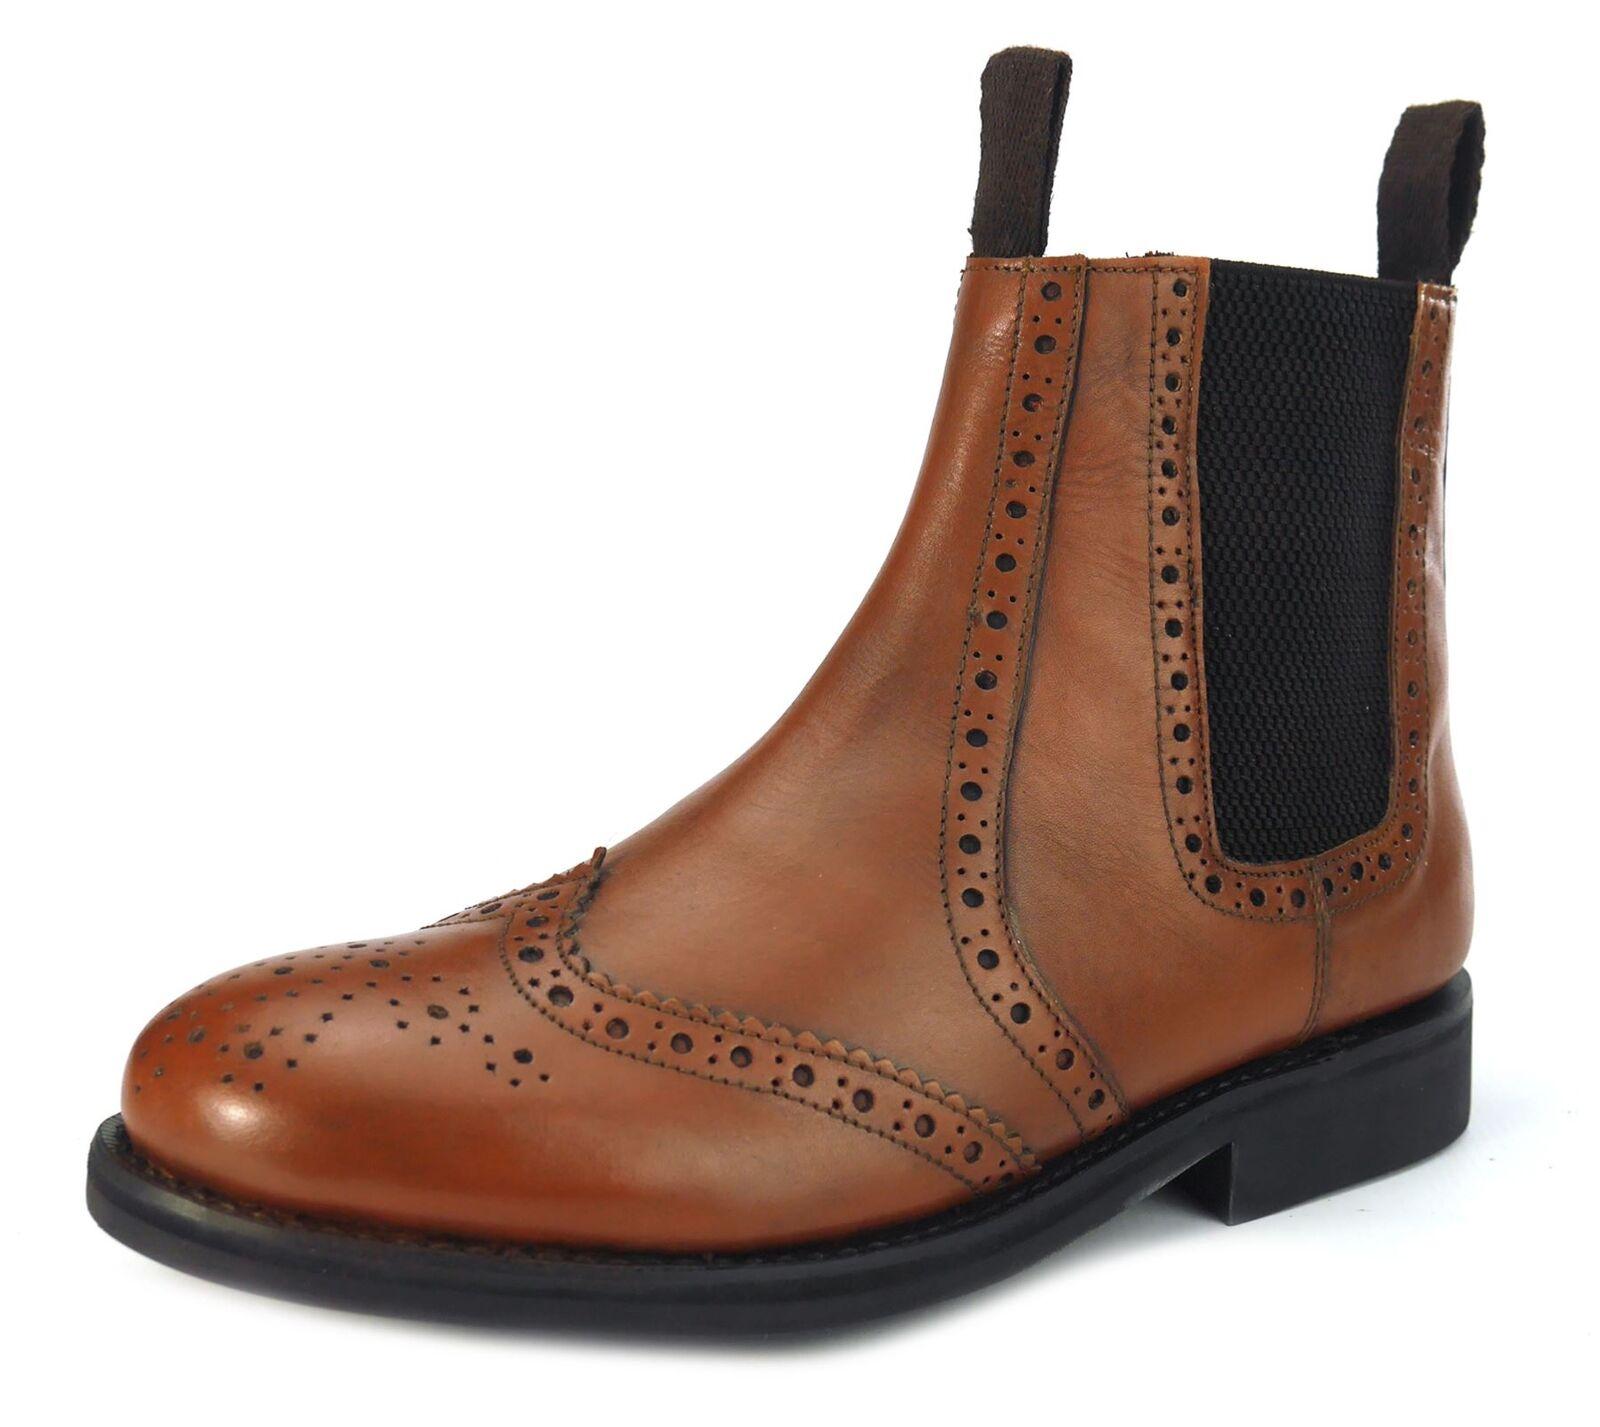 Frank James Benchgrade Evesham Welted Target Brogue Dealer Boots Tan Brown